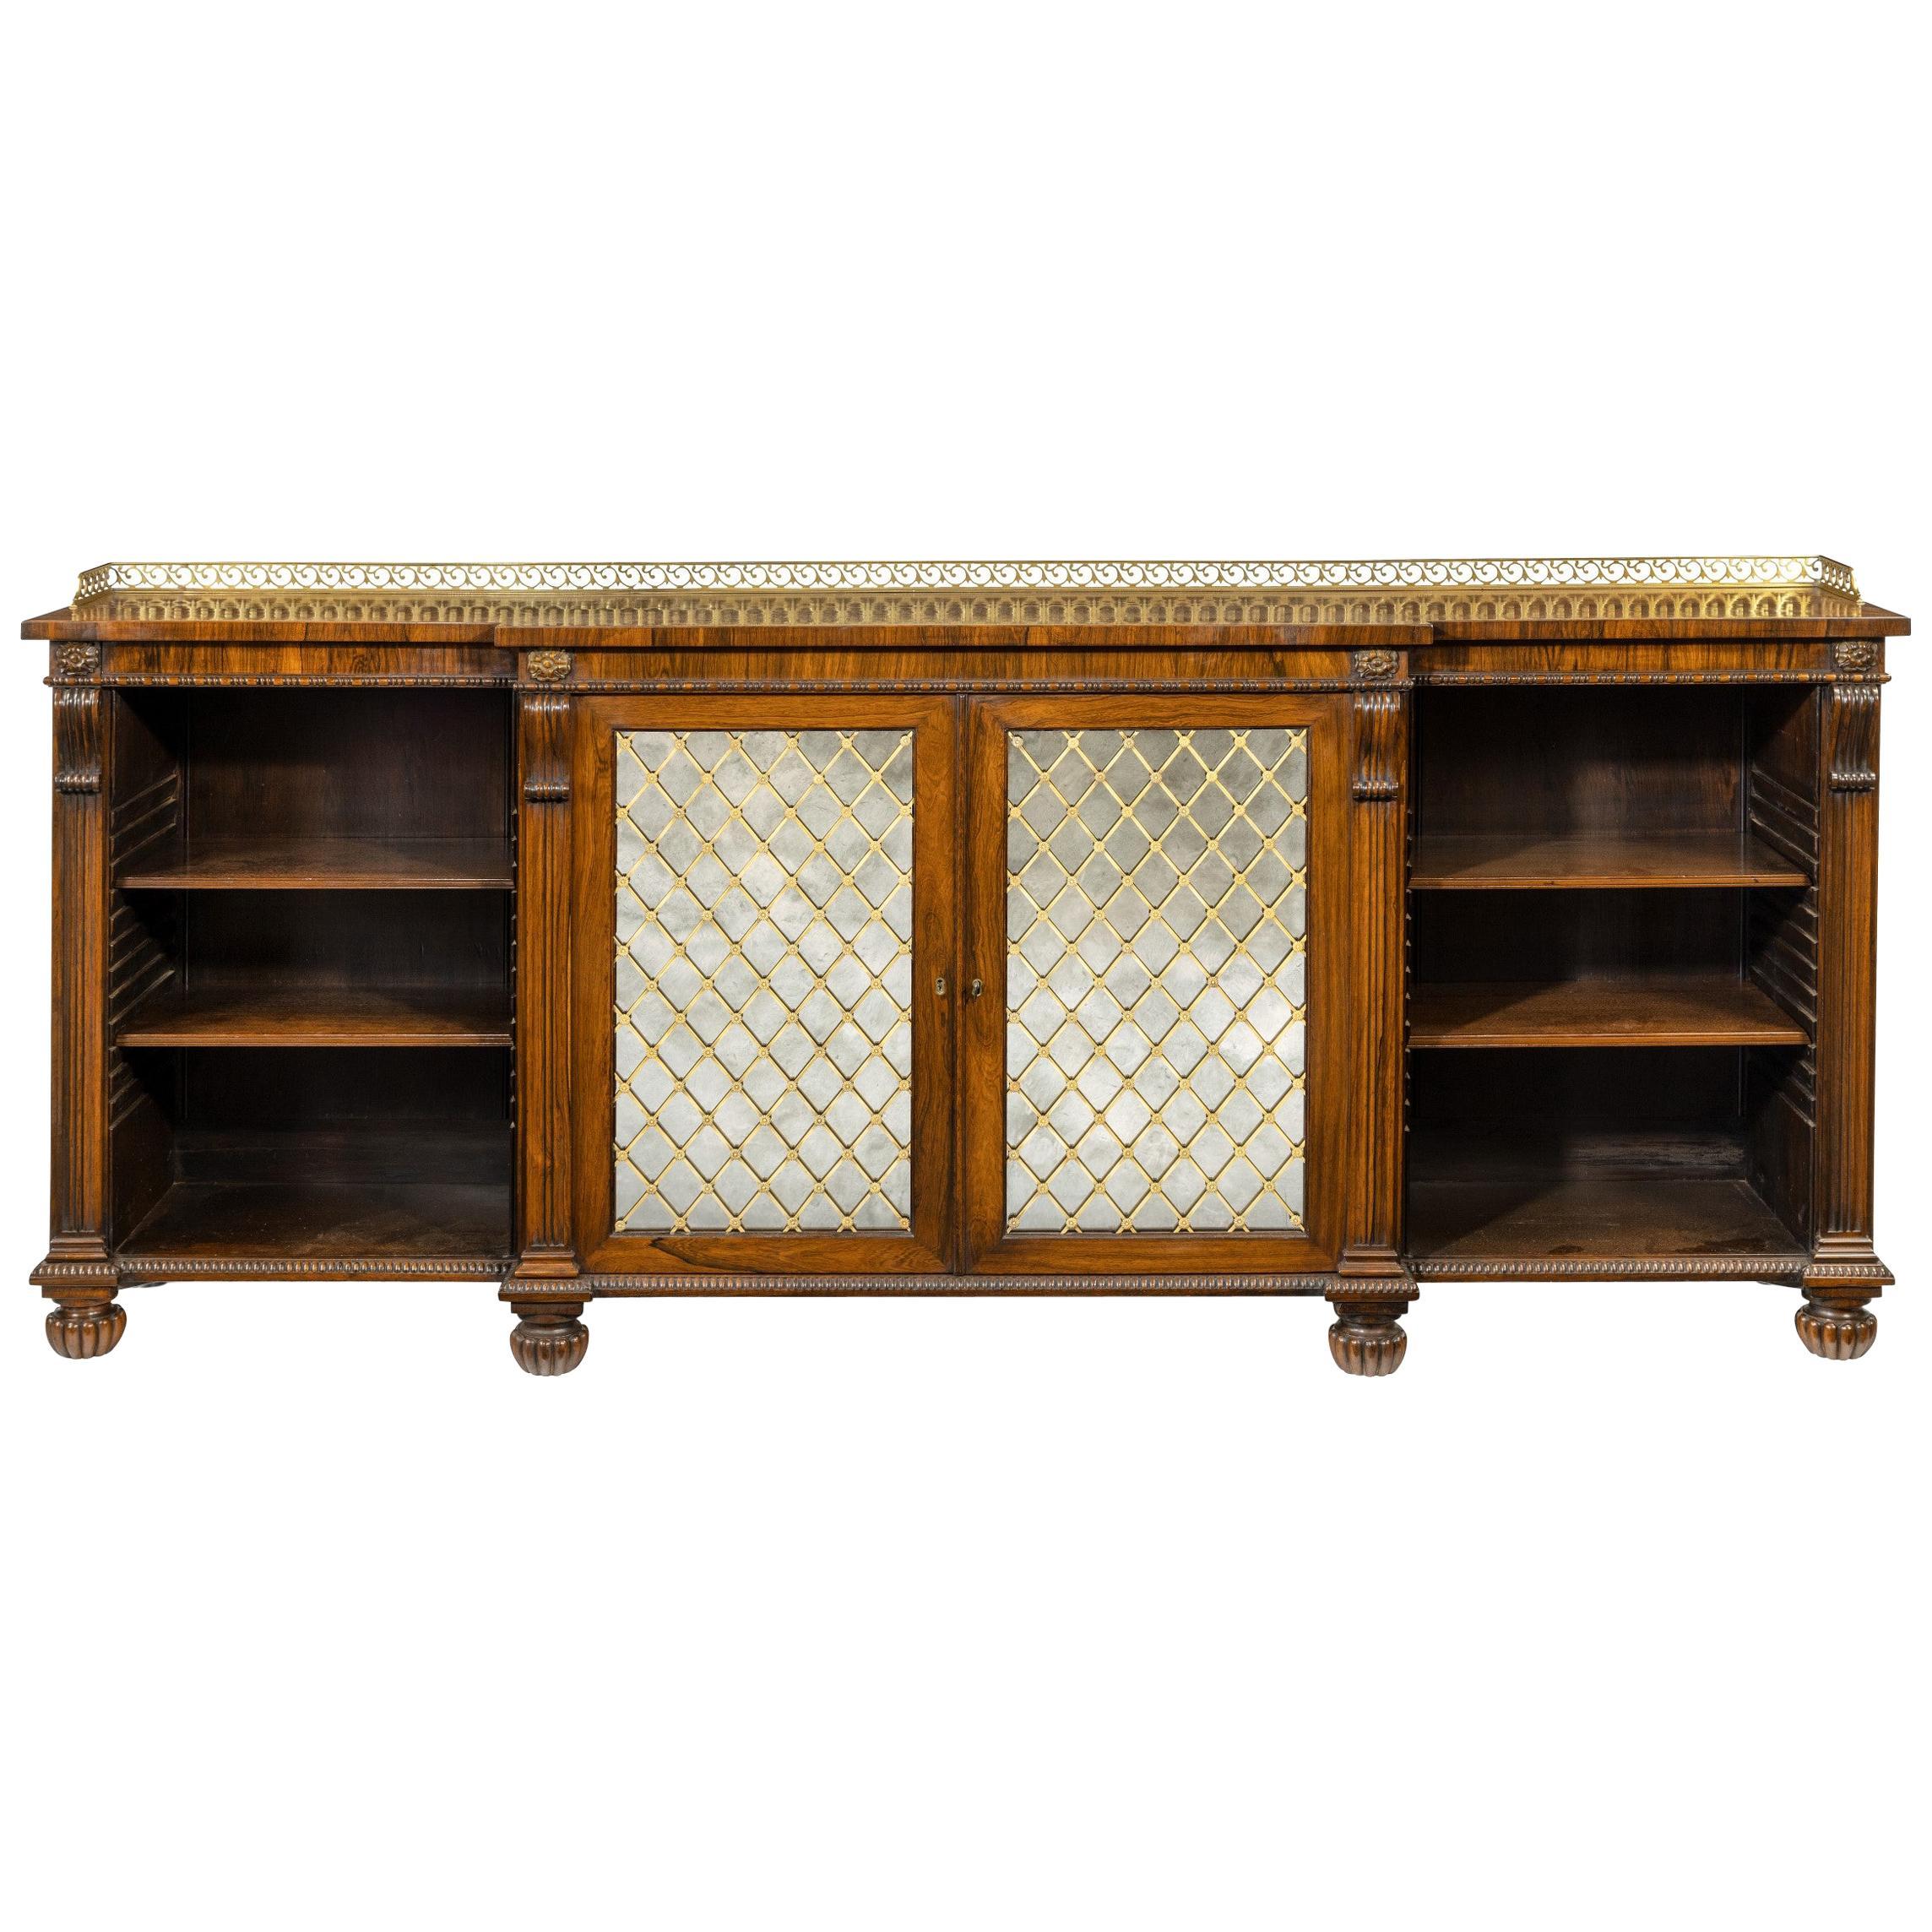 9af564346e47 Antique, Vintage, Mid-Century and Modern Furniture - 527,774 For Sale at  1stdibs